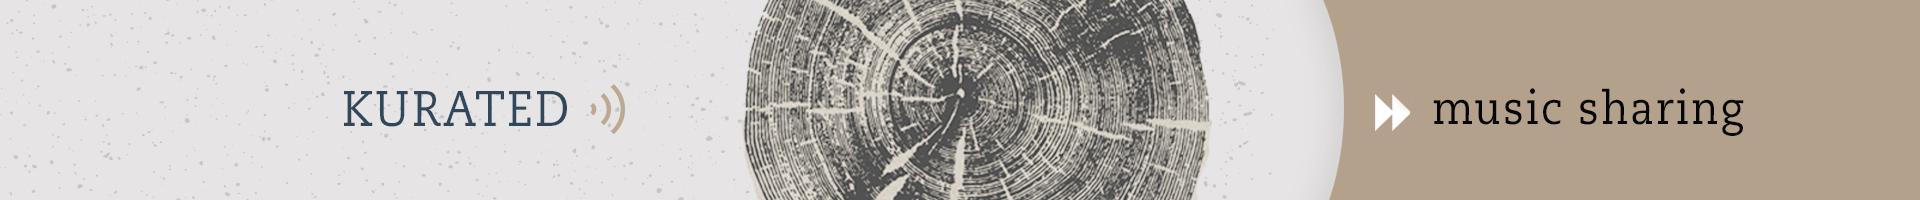 148 Kurated Banner Treering V1